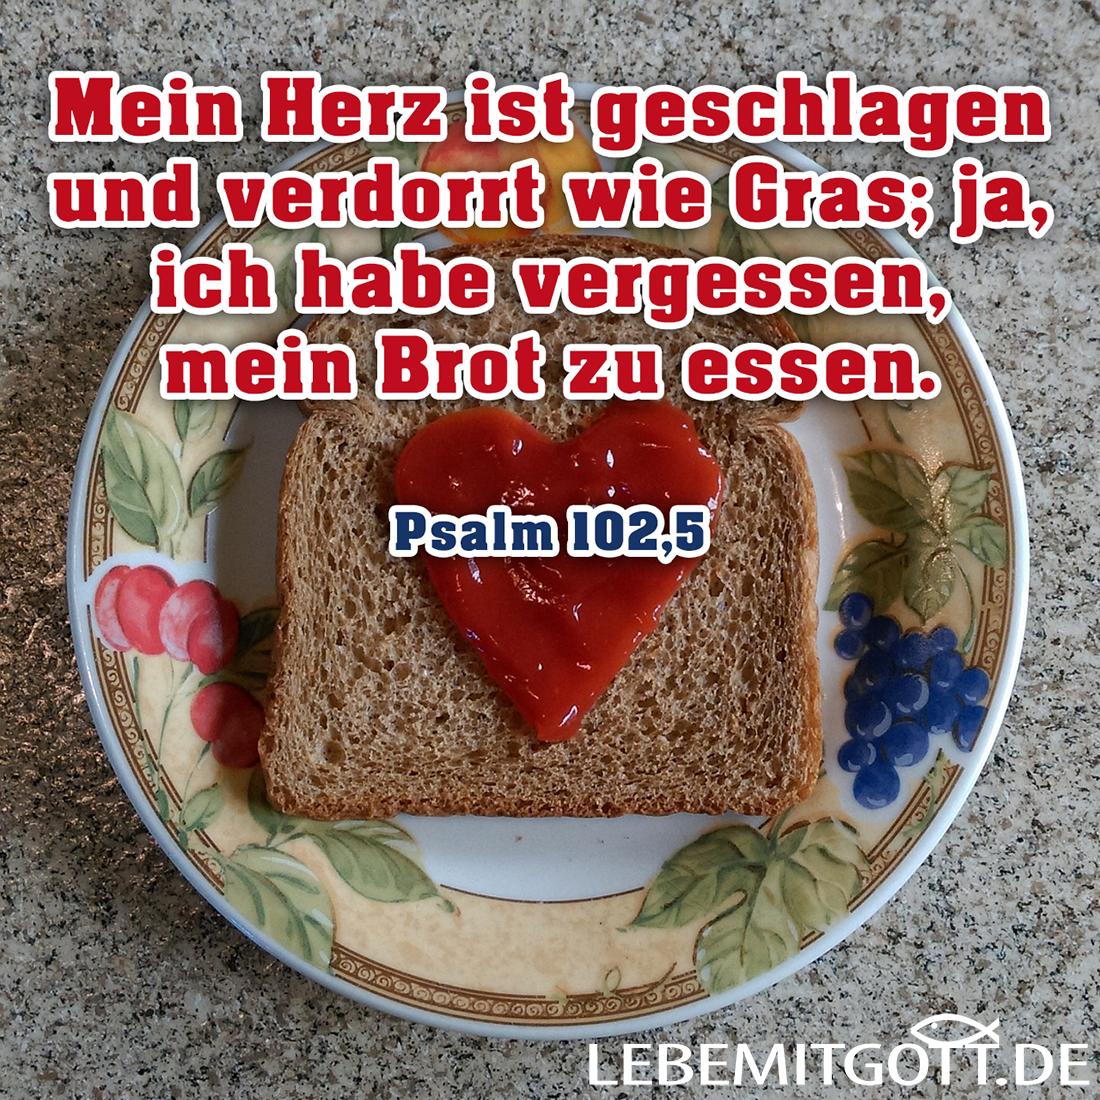 Brot zu essen